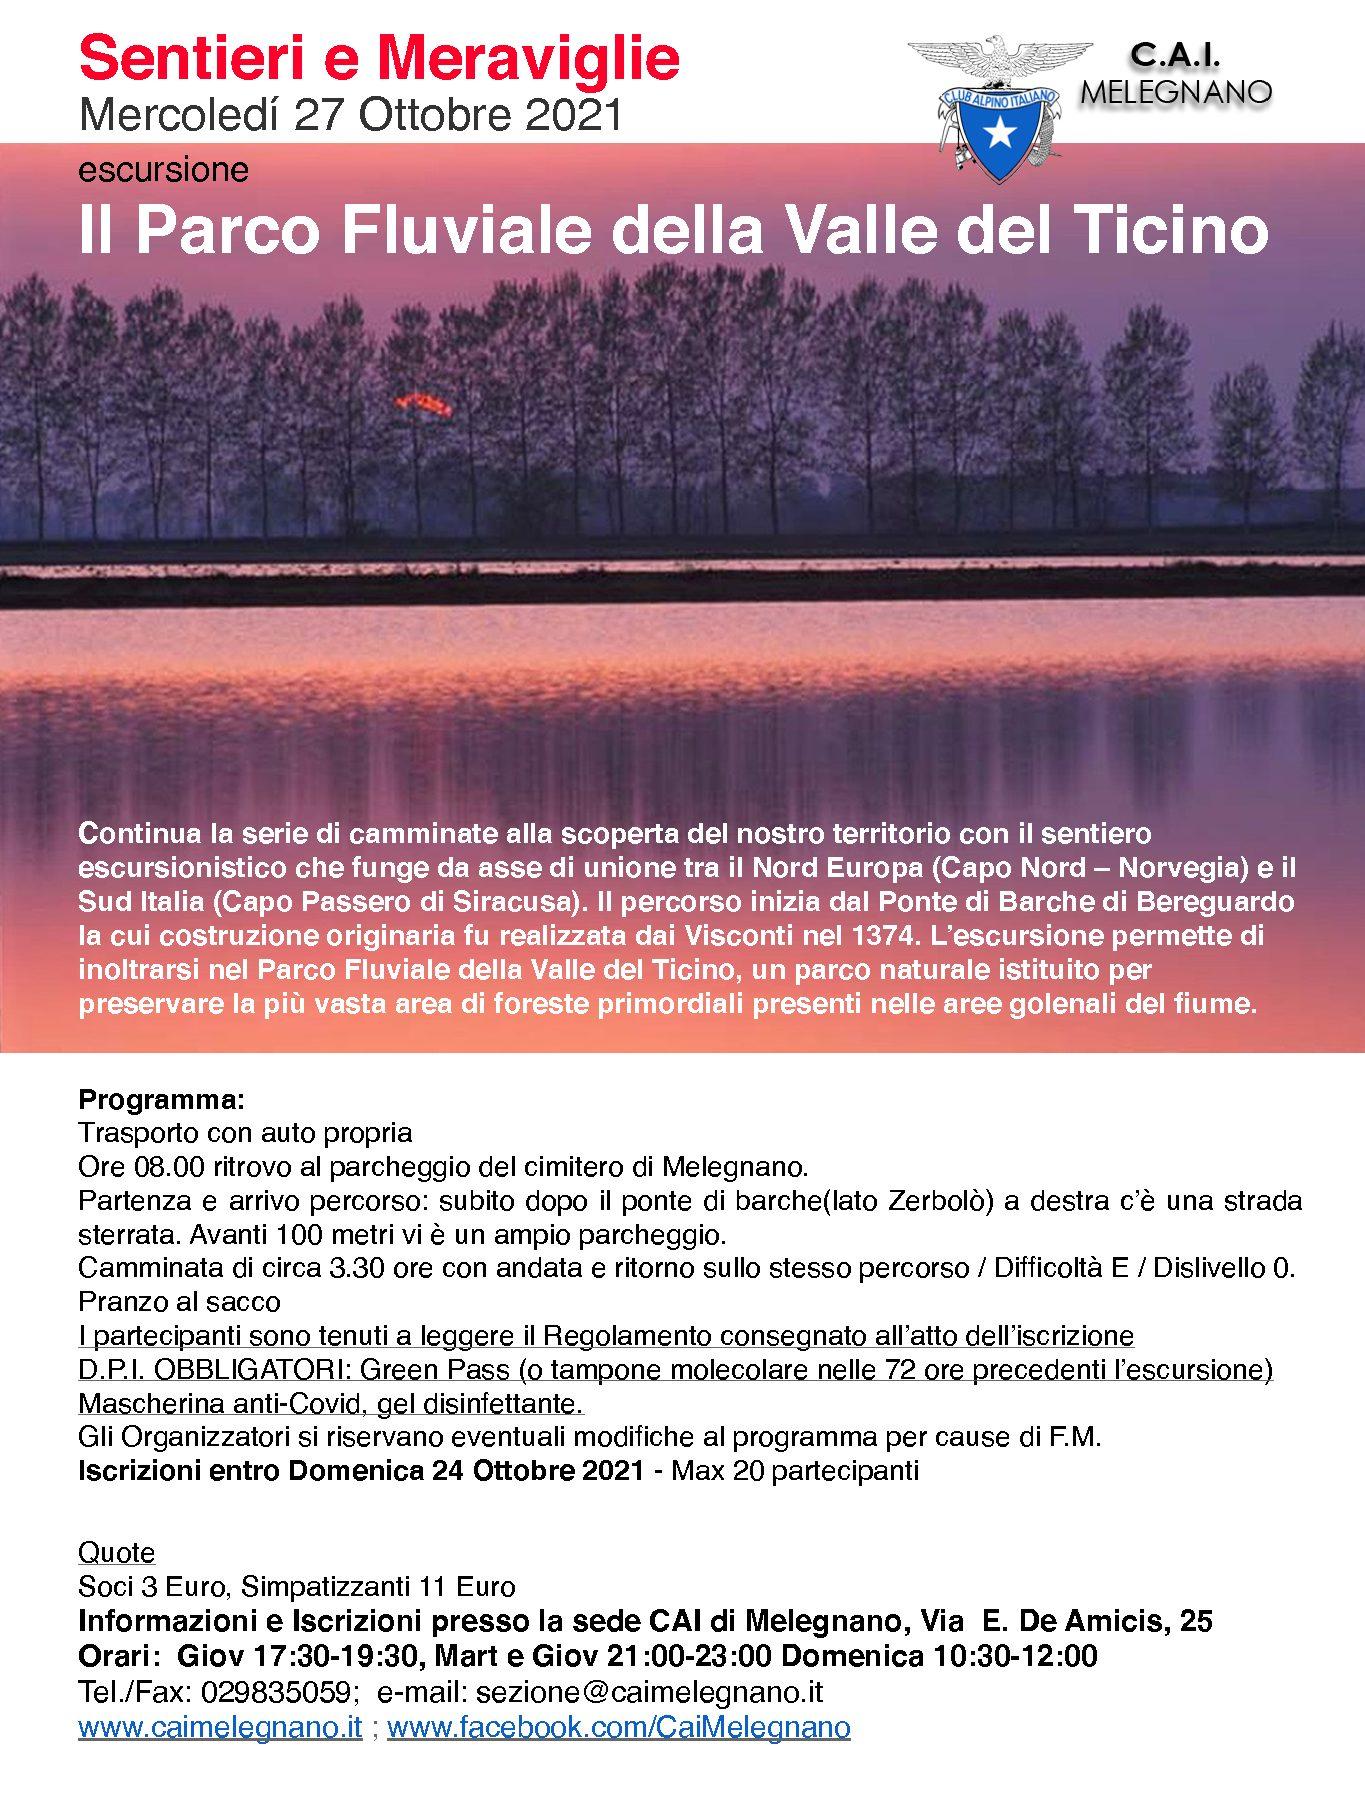 Escursione al parco fluviale del Ticino – 27 ottobre 2021